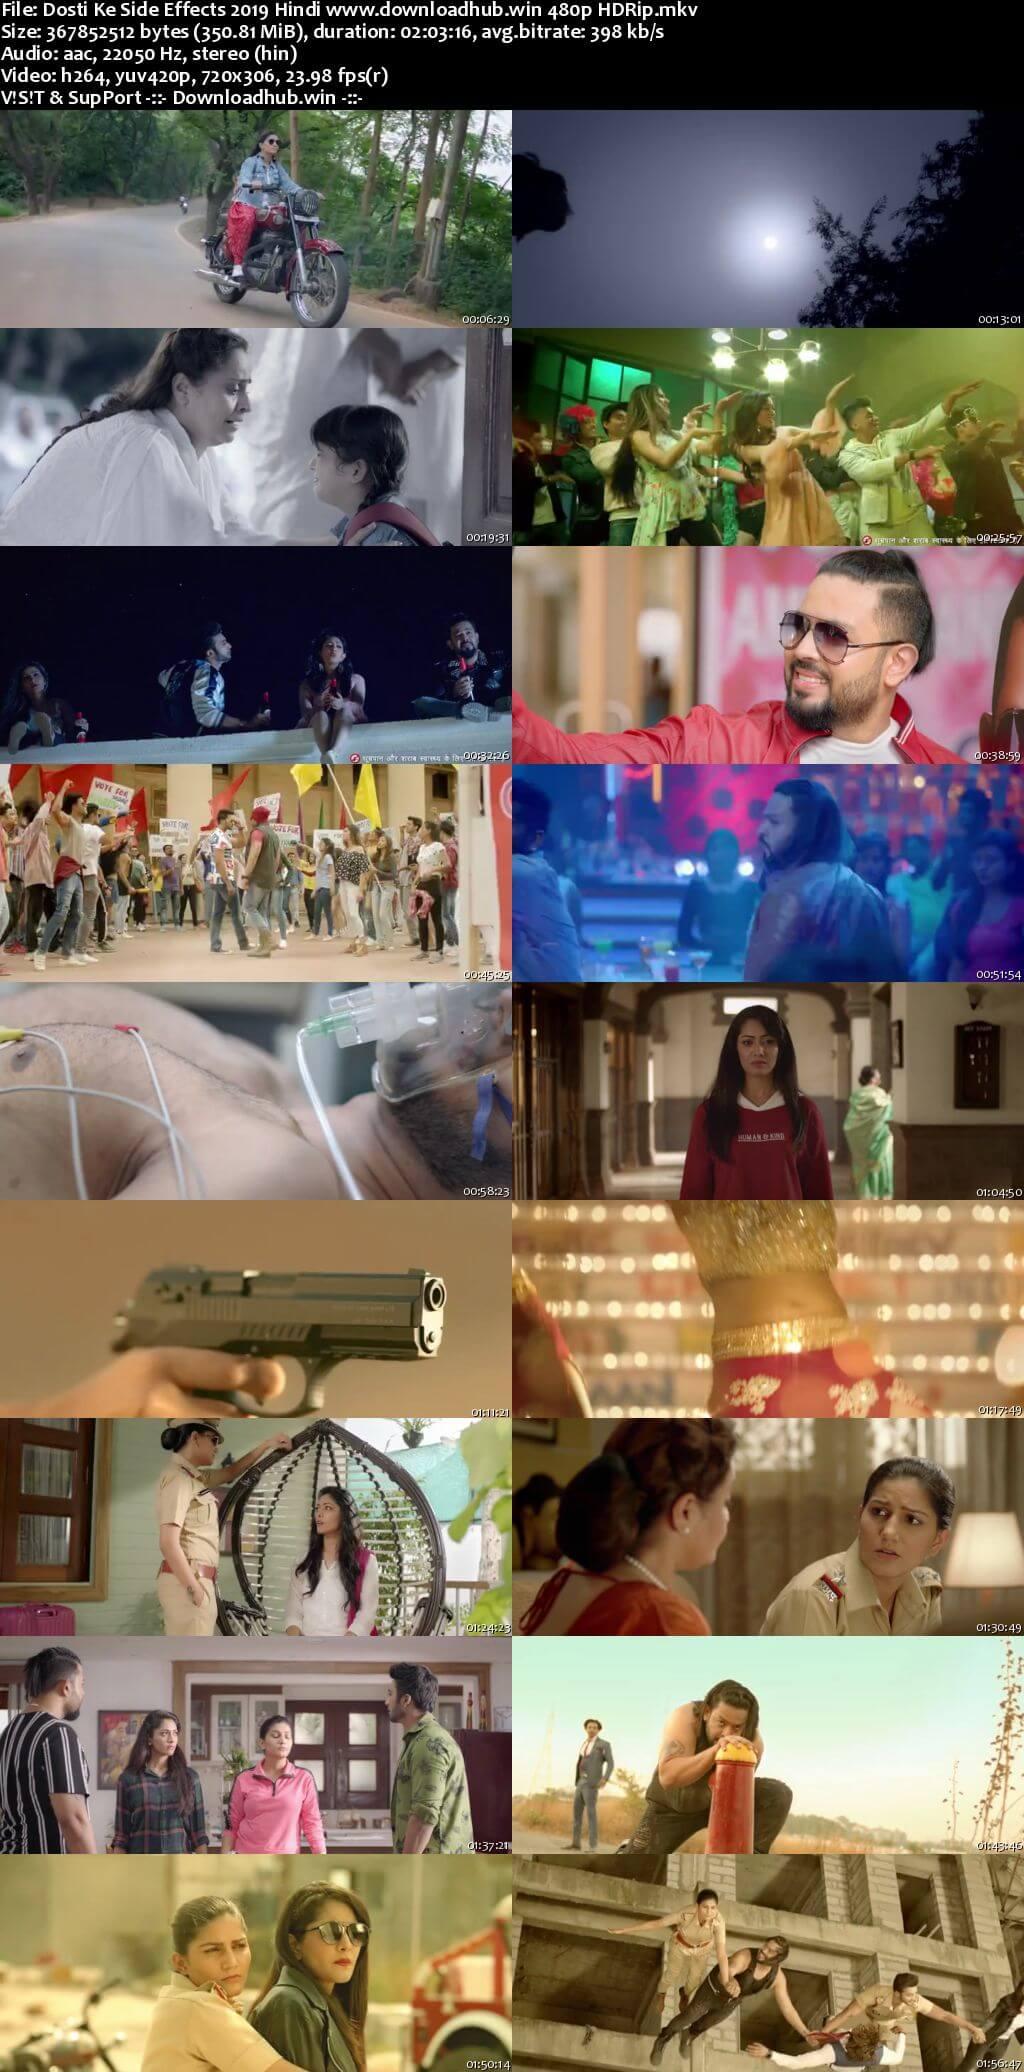 Dosti ke side effects 2019 Hindi 350MB HDRip 480p